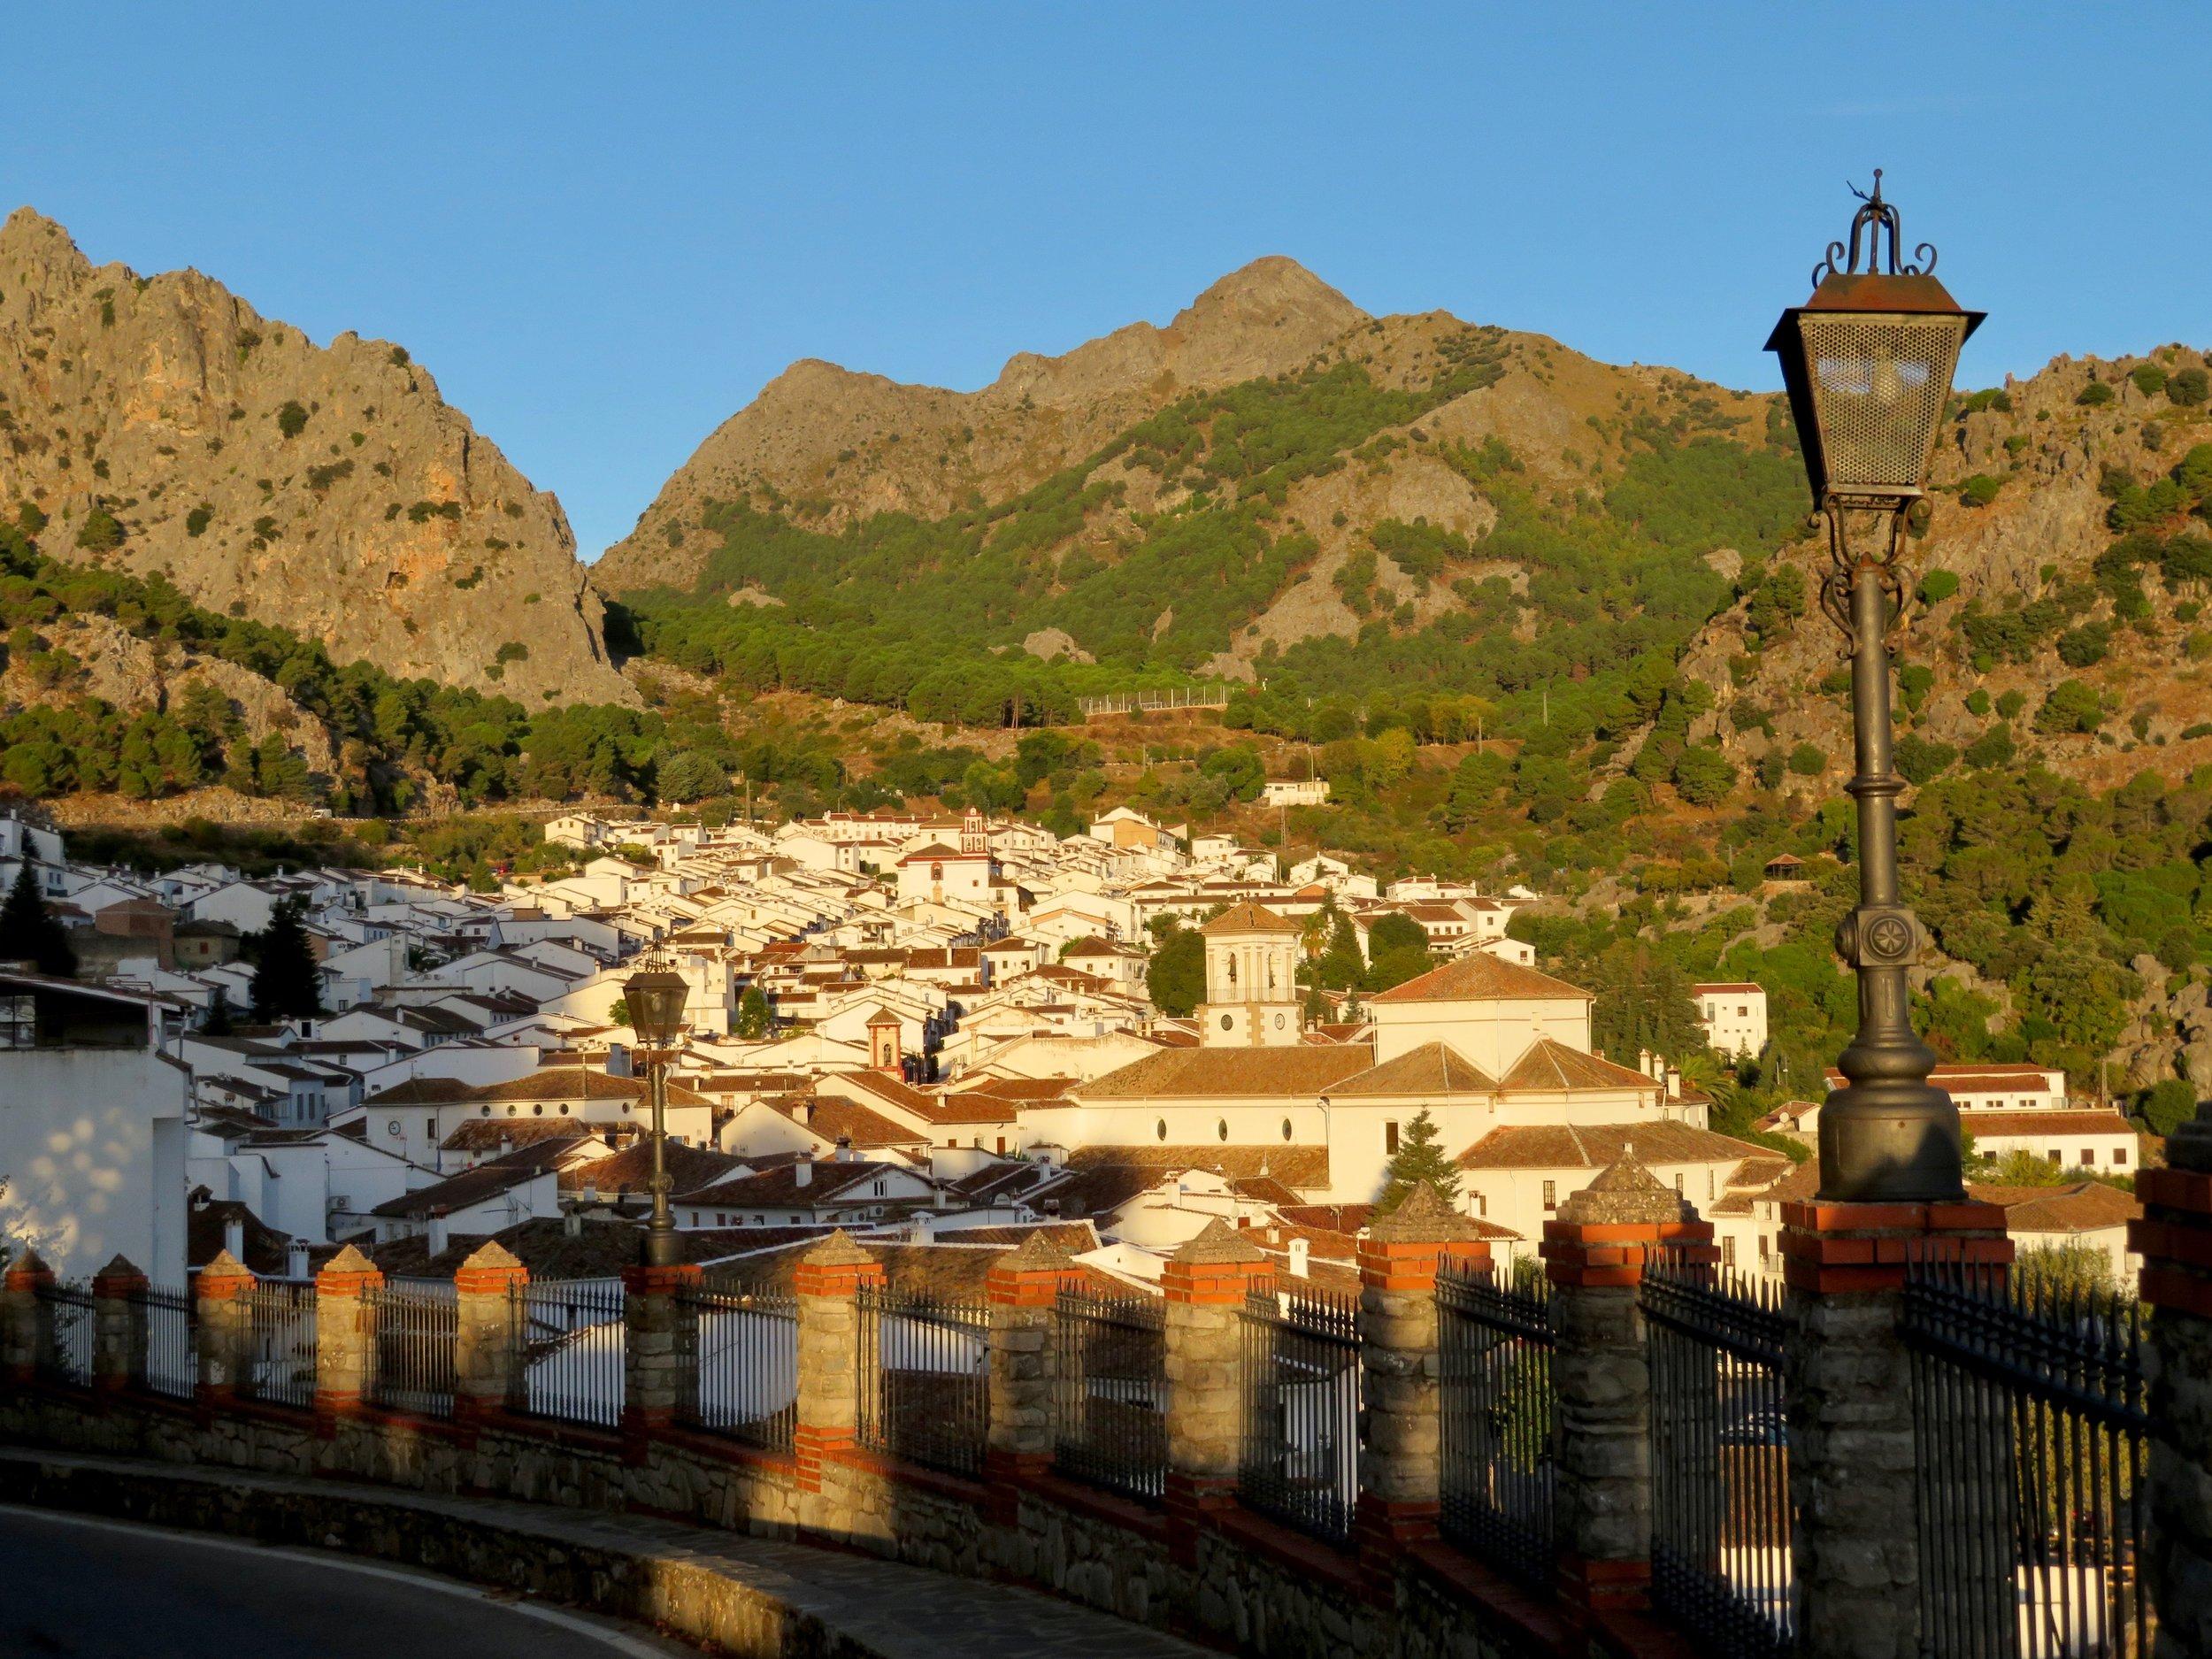 Grazalema, a favourite pueblo blanco (white village)